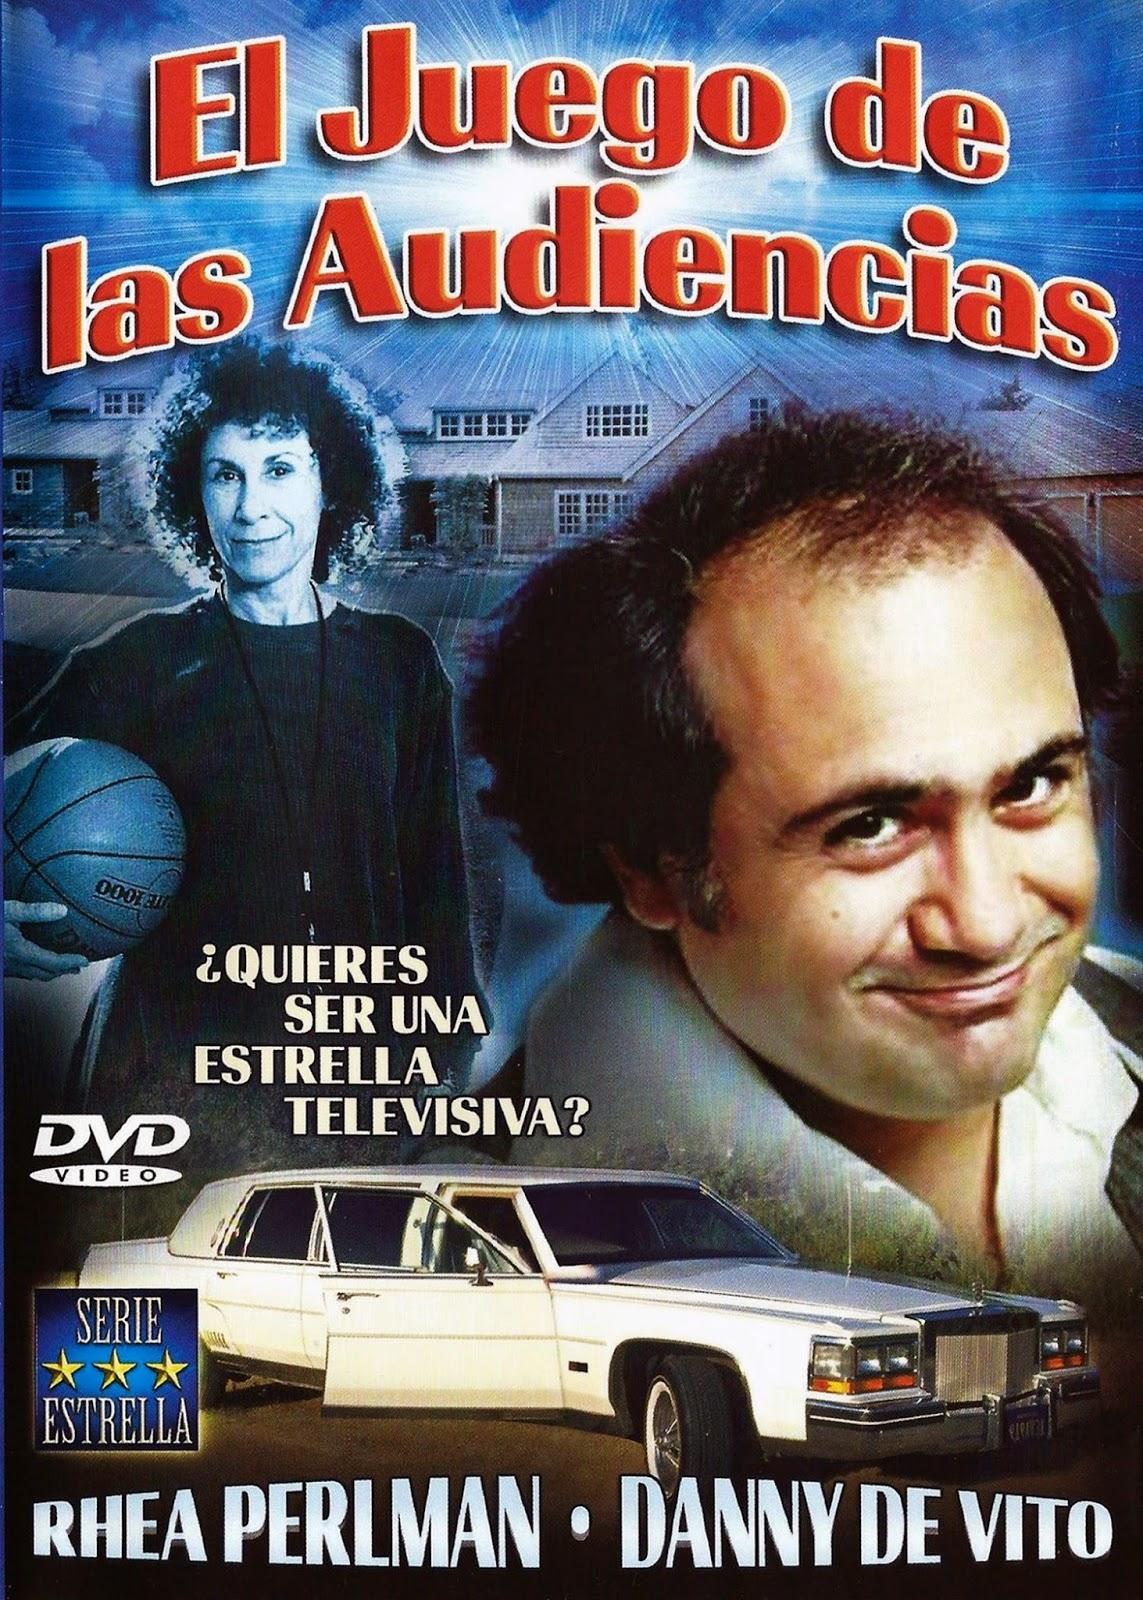 El Juego de las Audiencias (1984)